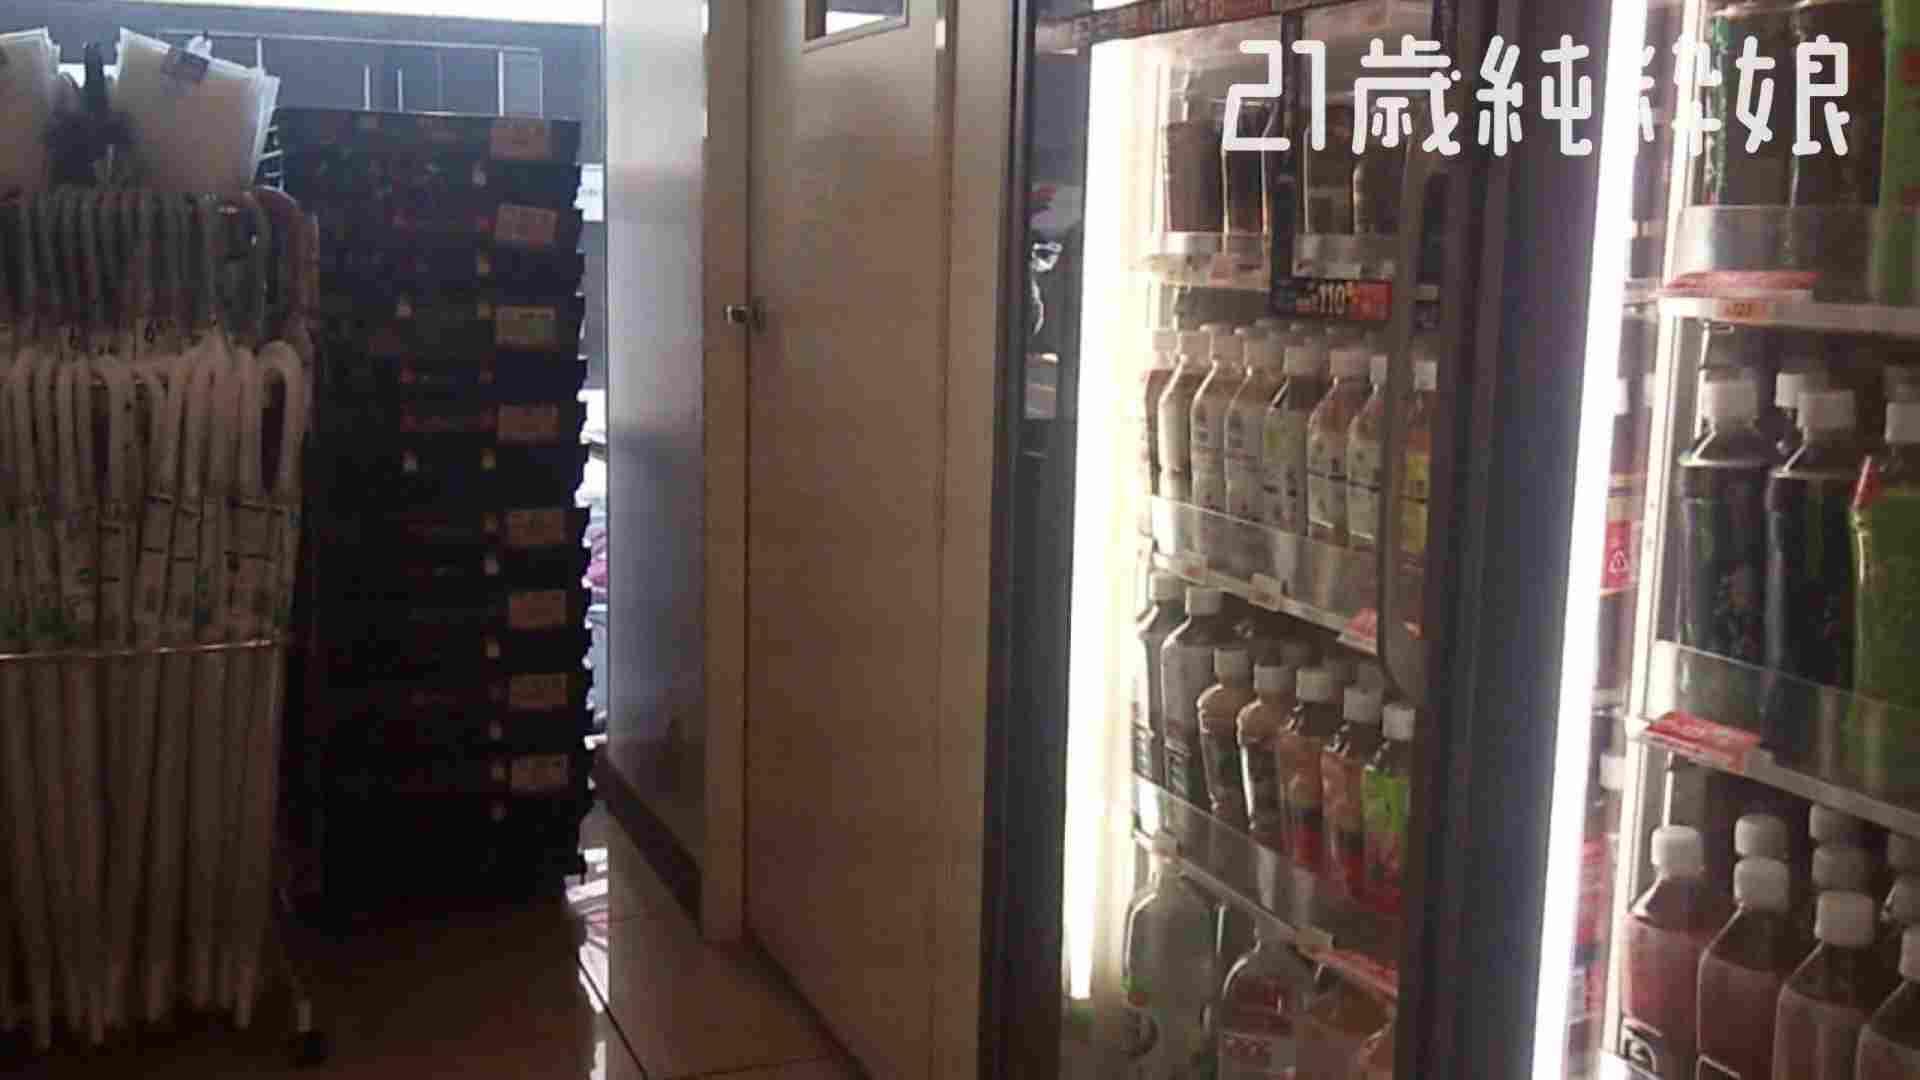 Gカップ21歳純粋嬢第2弾Vol.5 OL | 学校  75連発 72